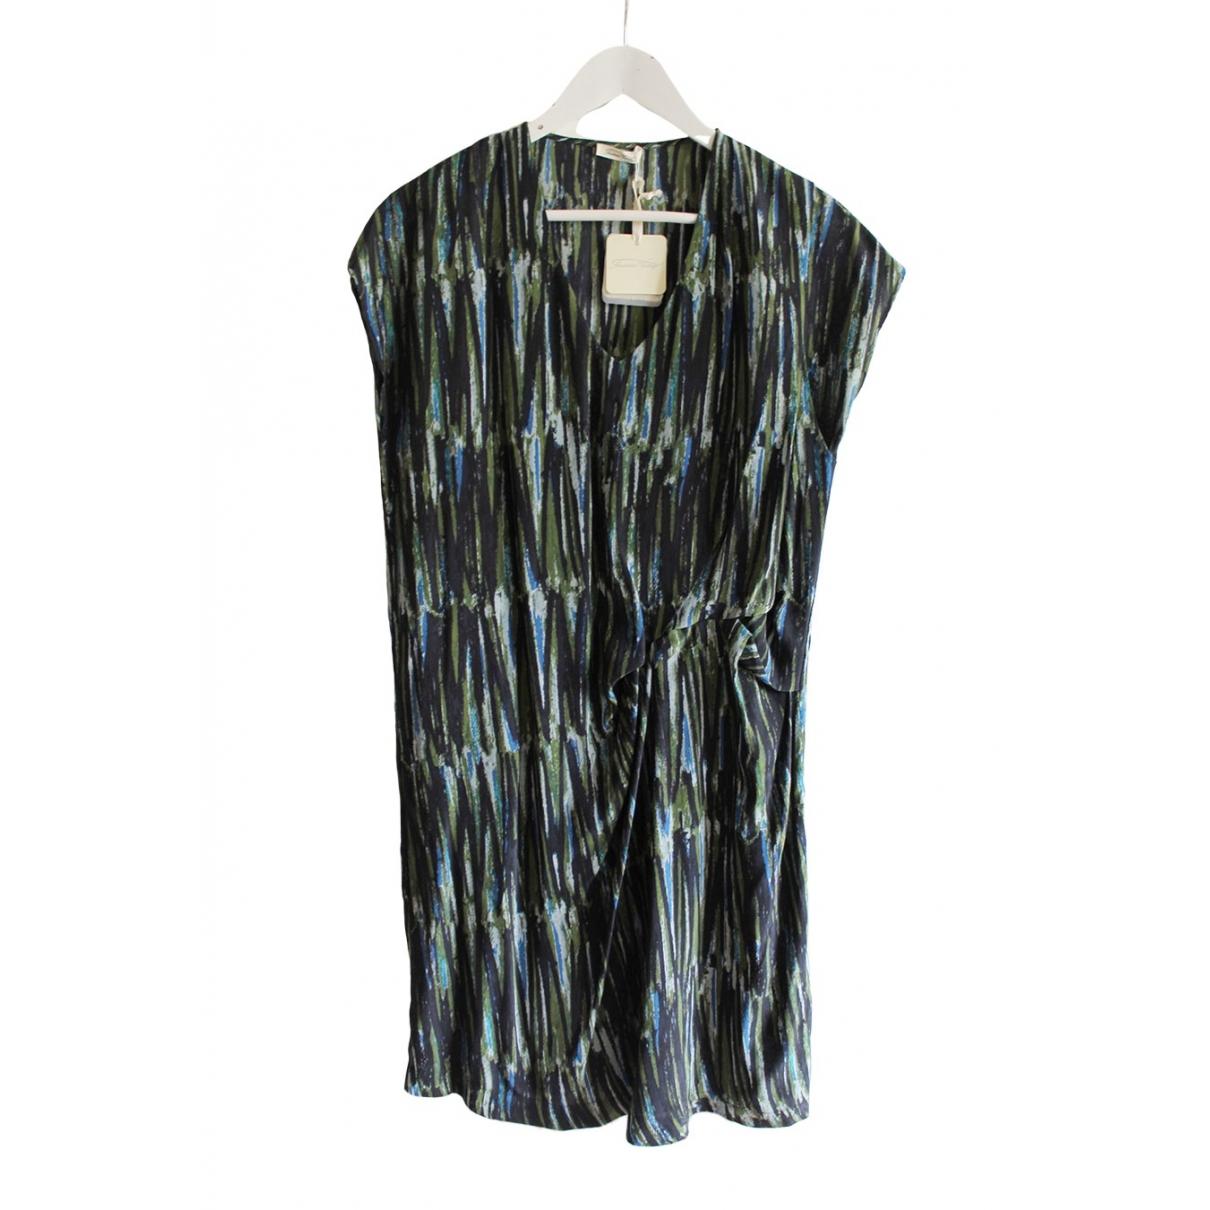 American Vintage \N Kleid in  Khaki Seide